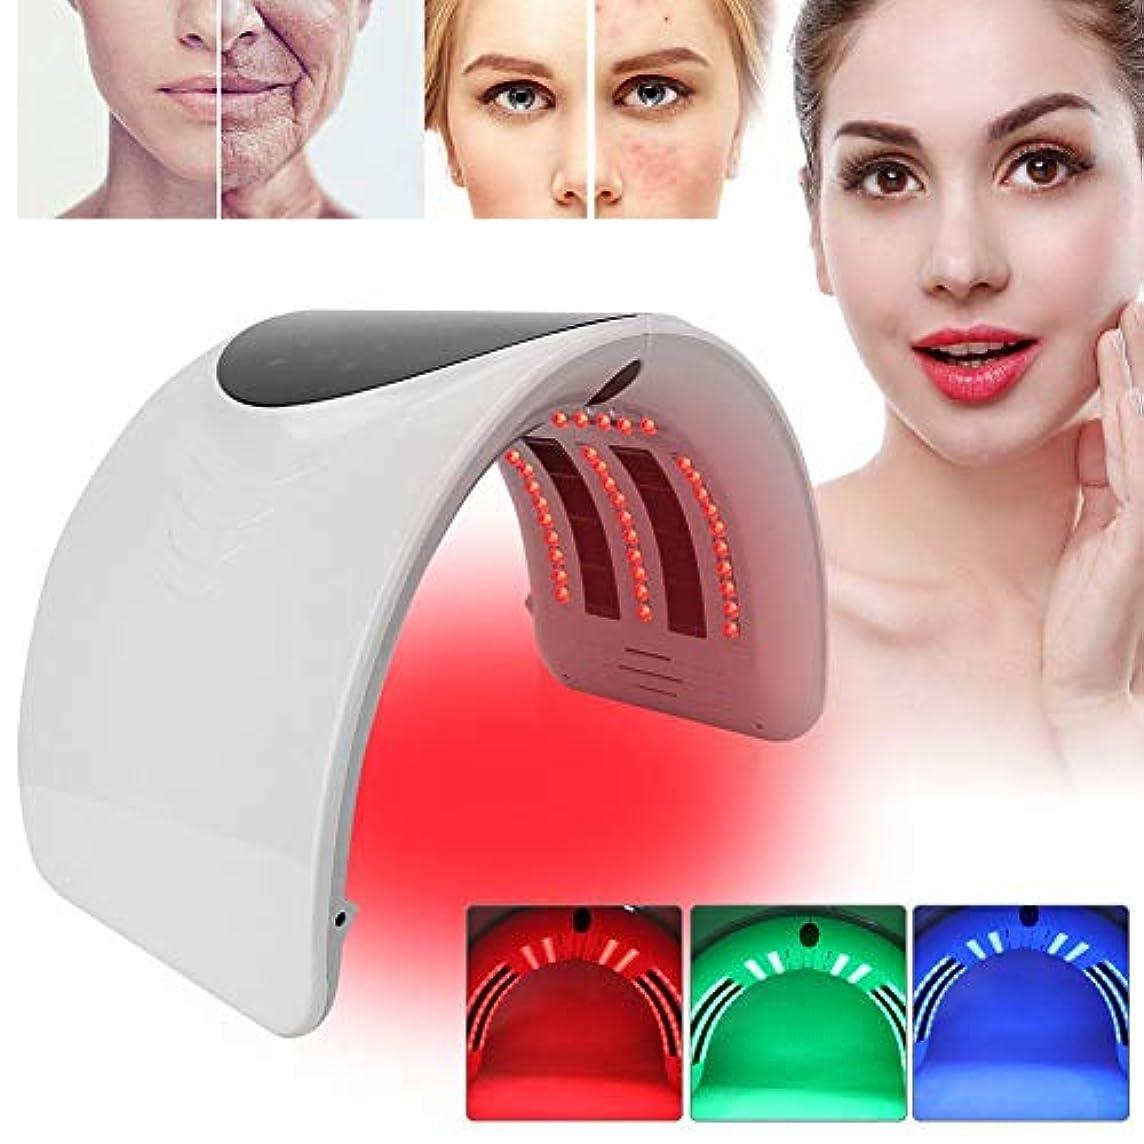 増幅器マットレスお互いPDTの軽い療法の美顔術機械、6色の新しい折り畳み式アクネの取り外しのスキンケアの処置機械(01)